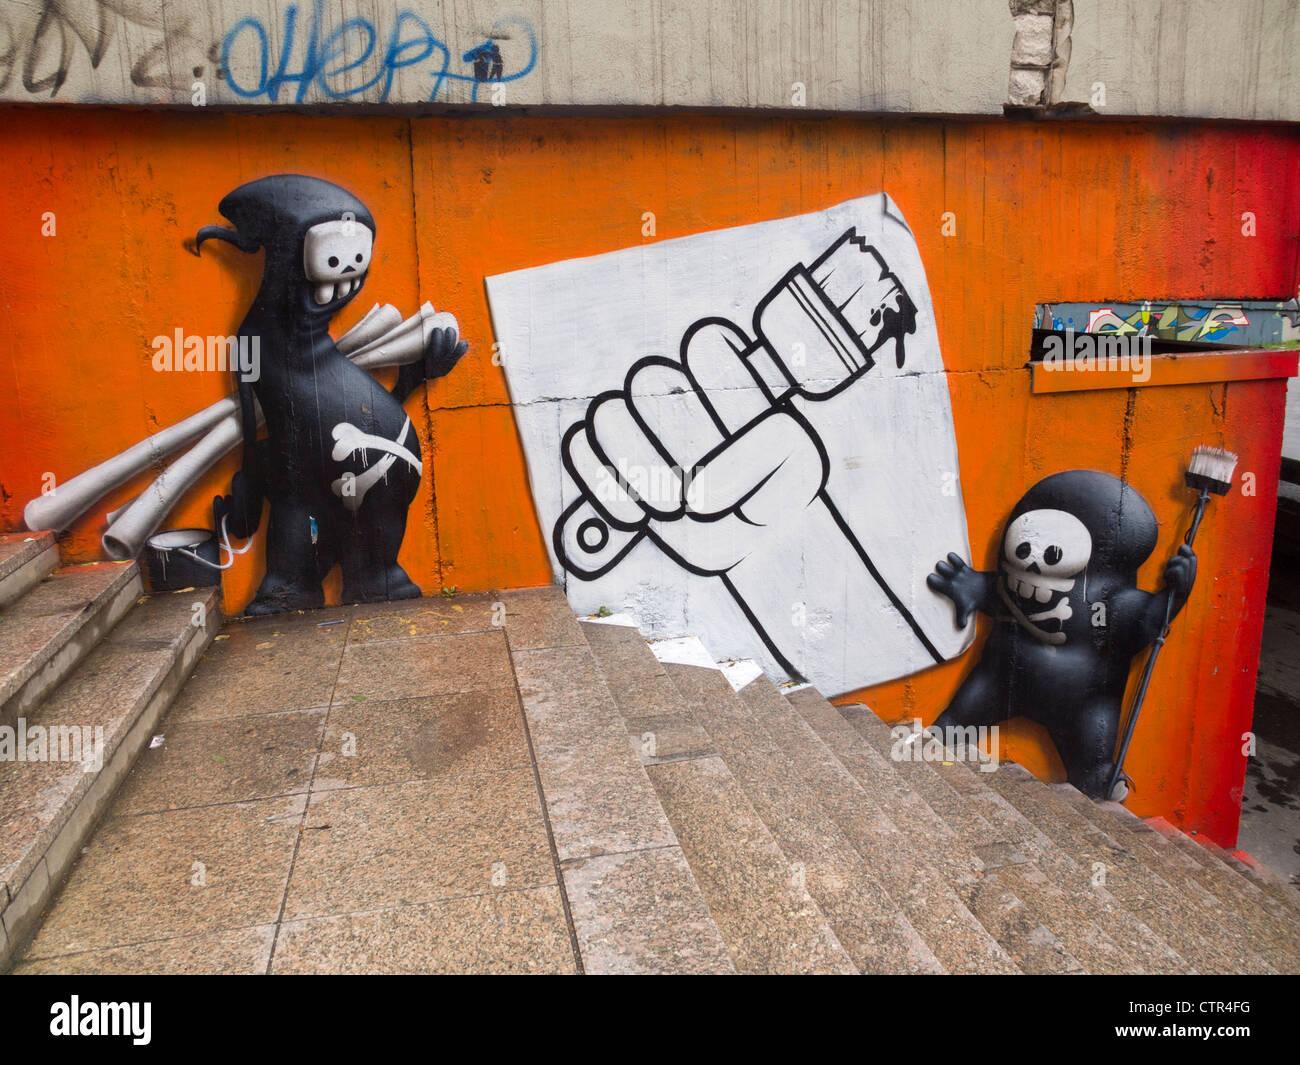 Graffiti wall - Stock Image